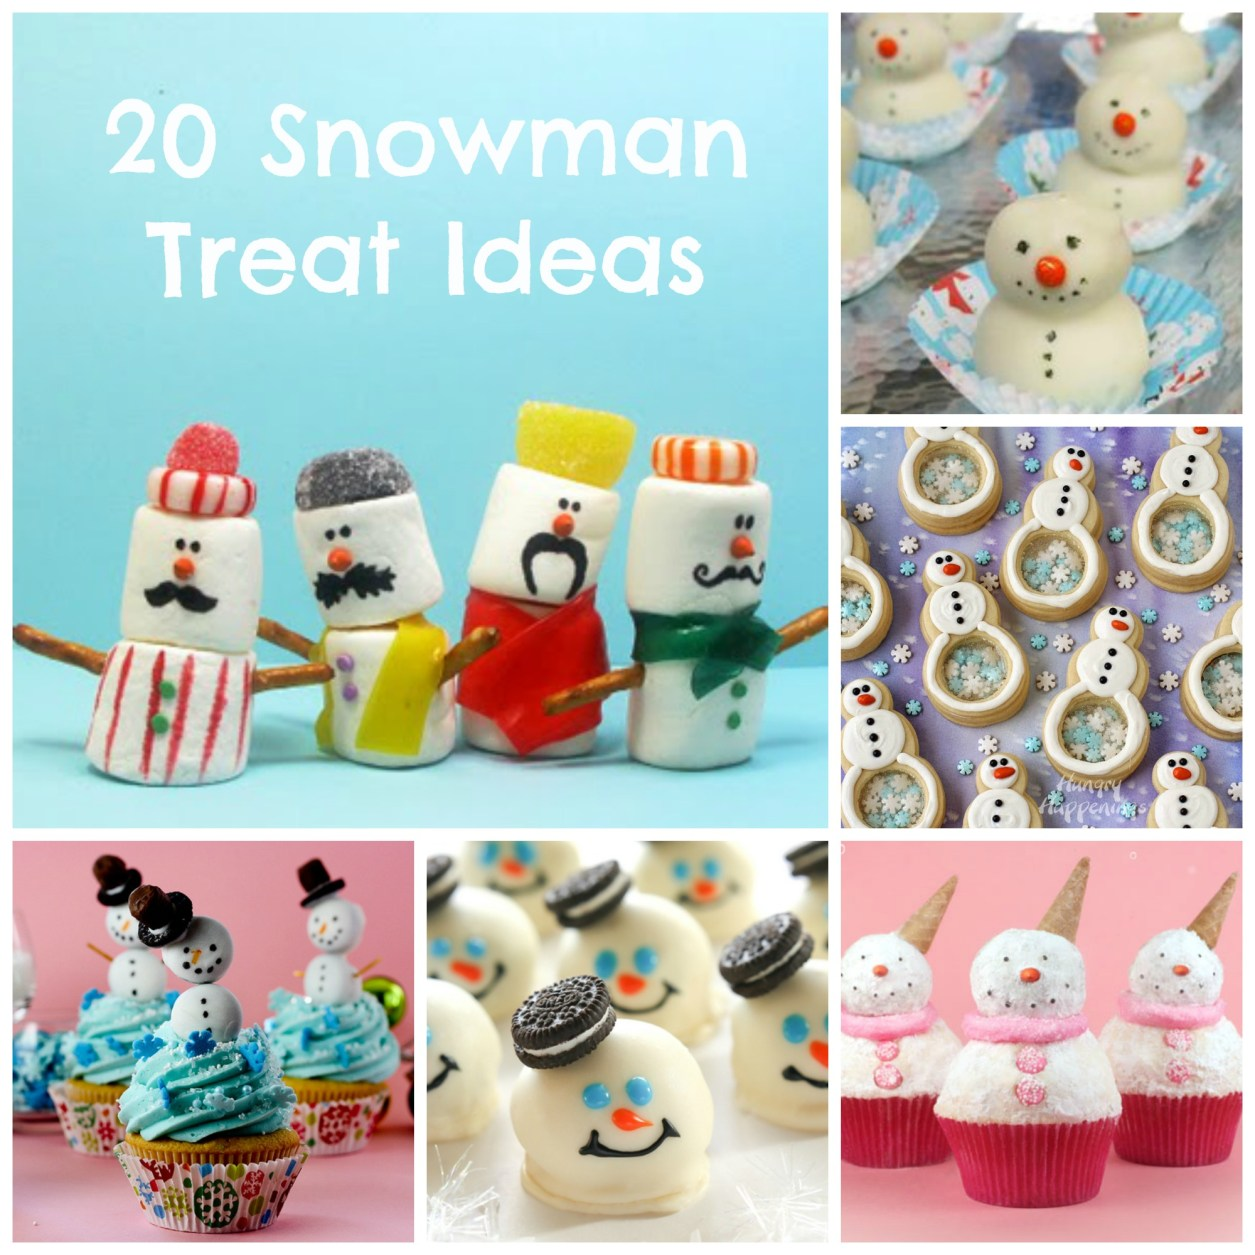 Snowman Treat Ideas